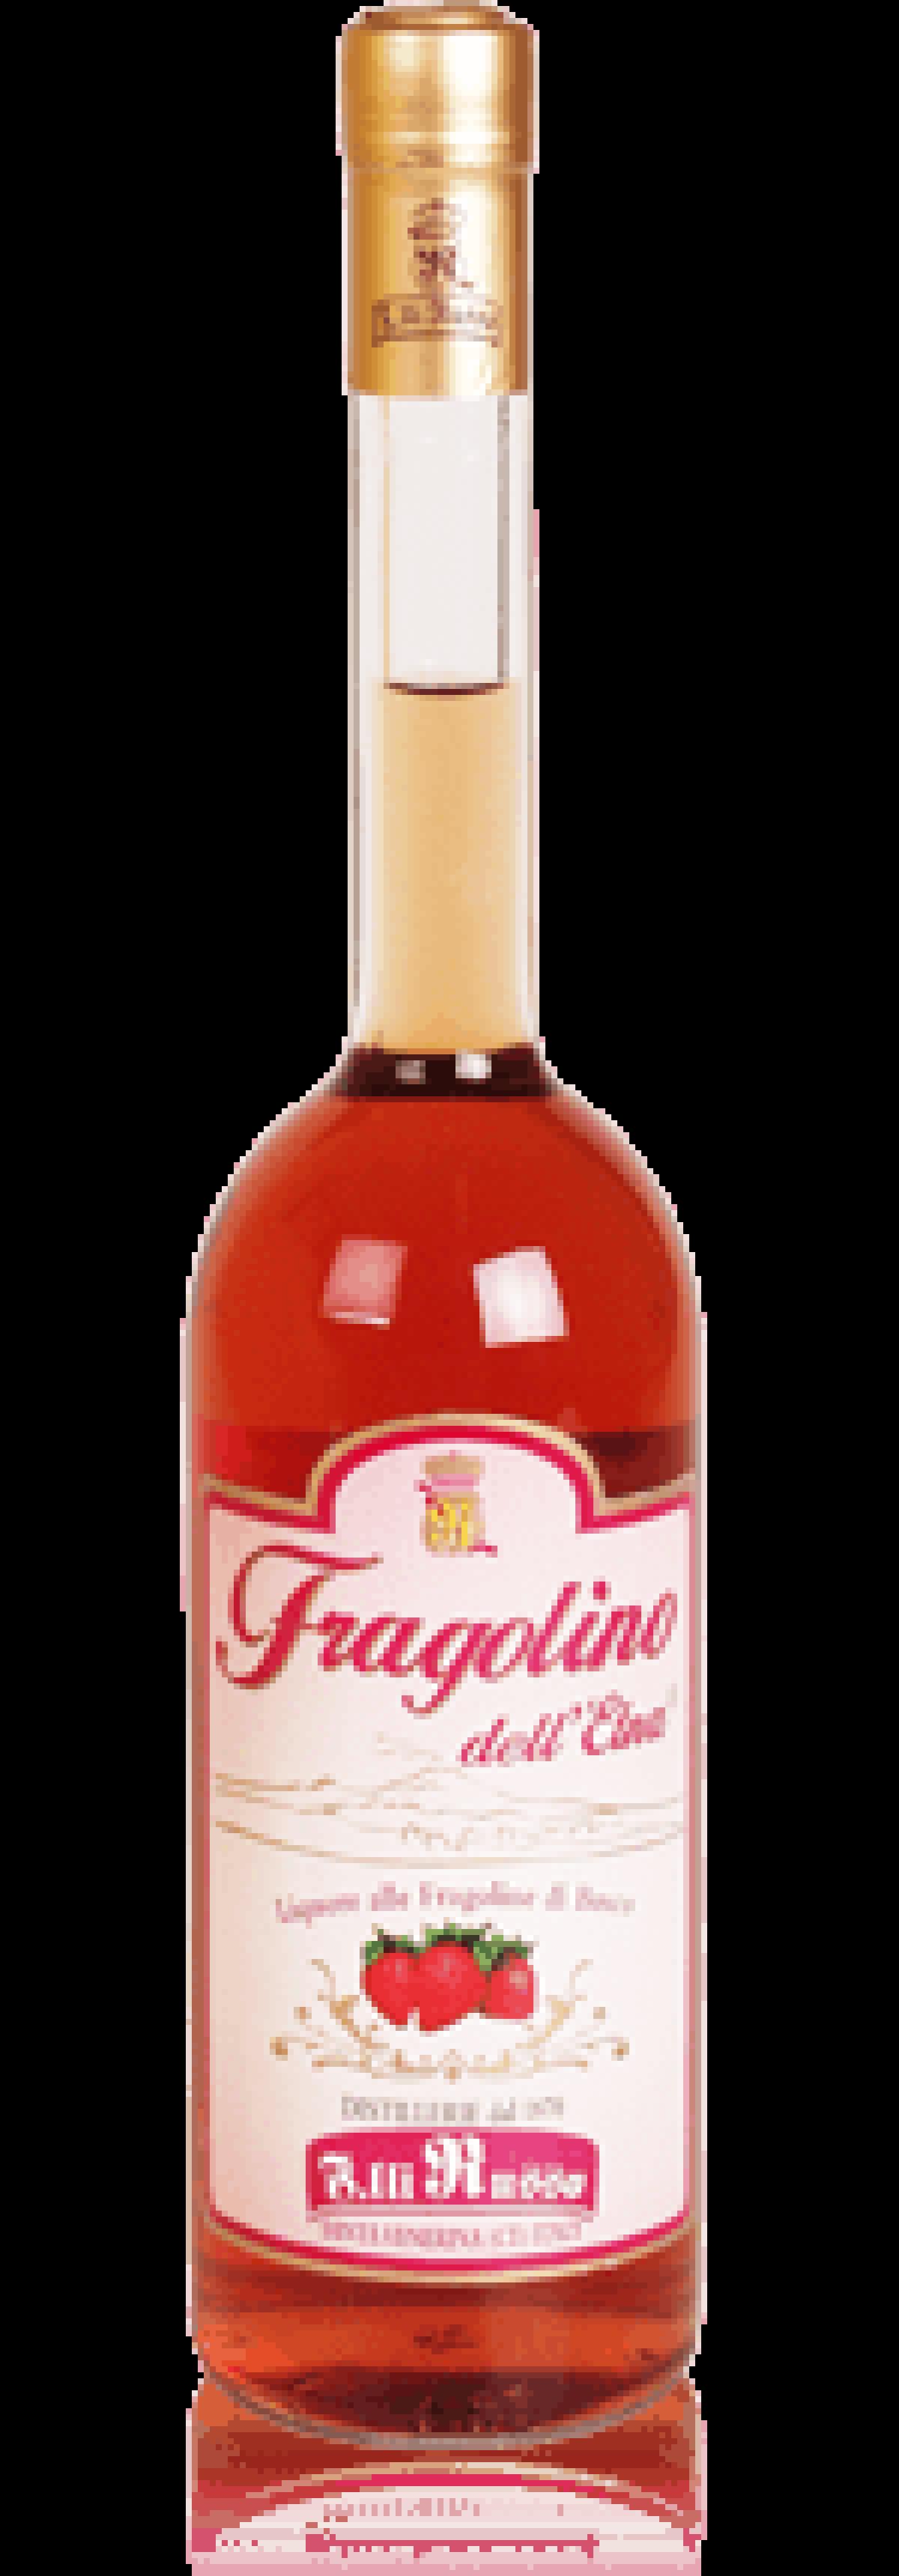 Cuor-di-Fragola